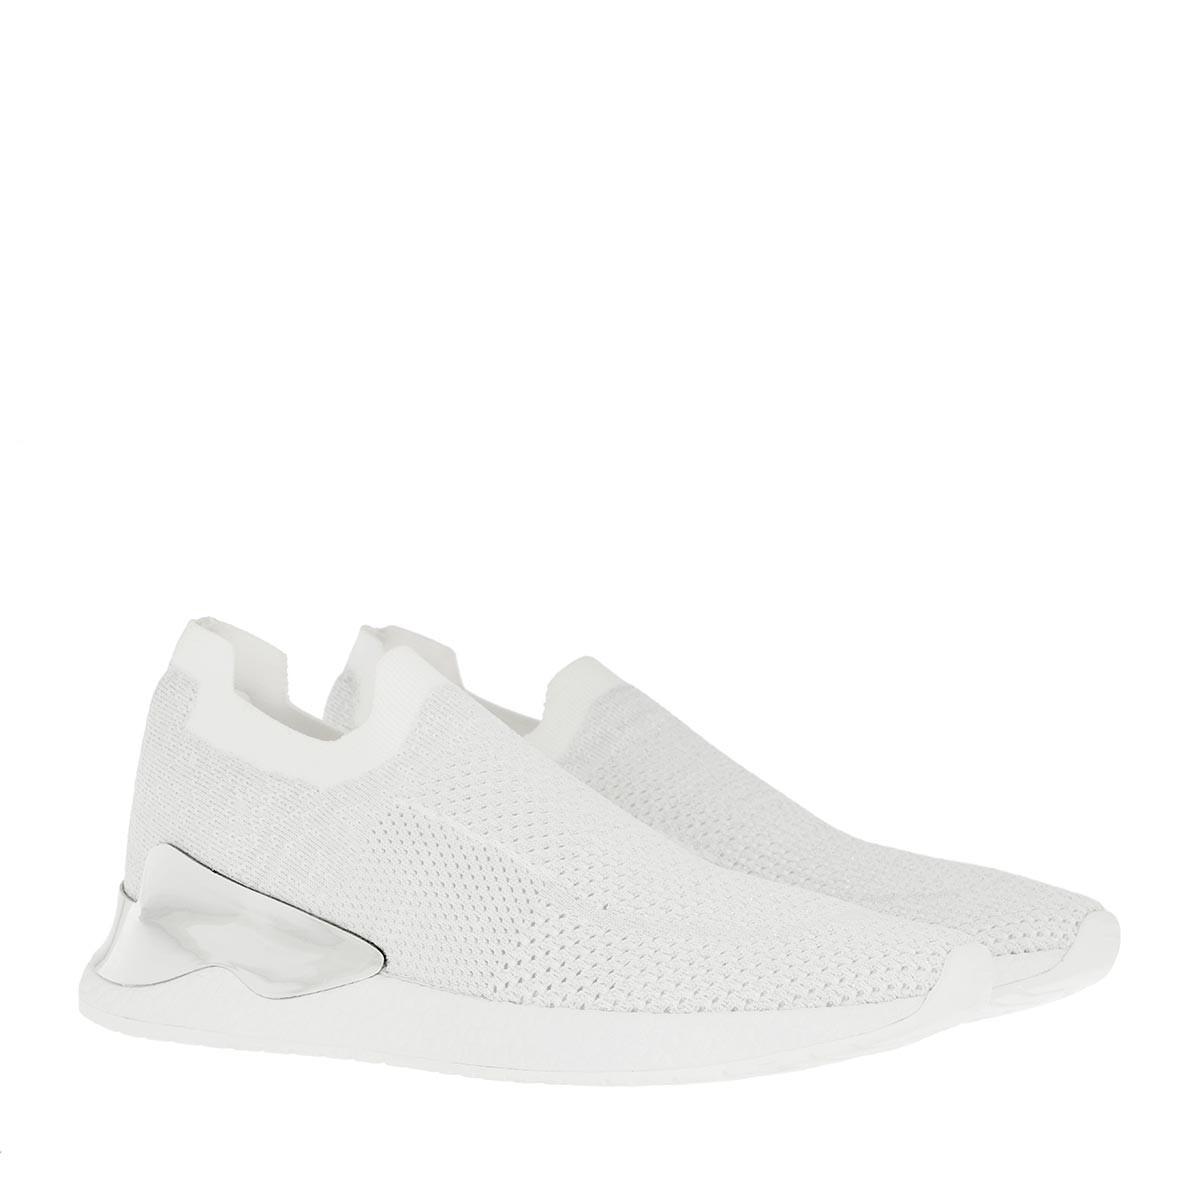 DKNY Sneakers - Rela Slip On Sneaker White/Silver - in silber - für Damen